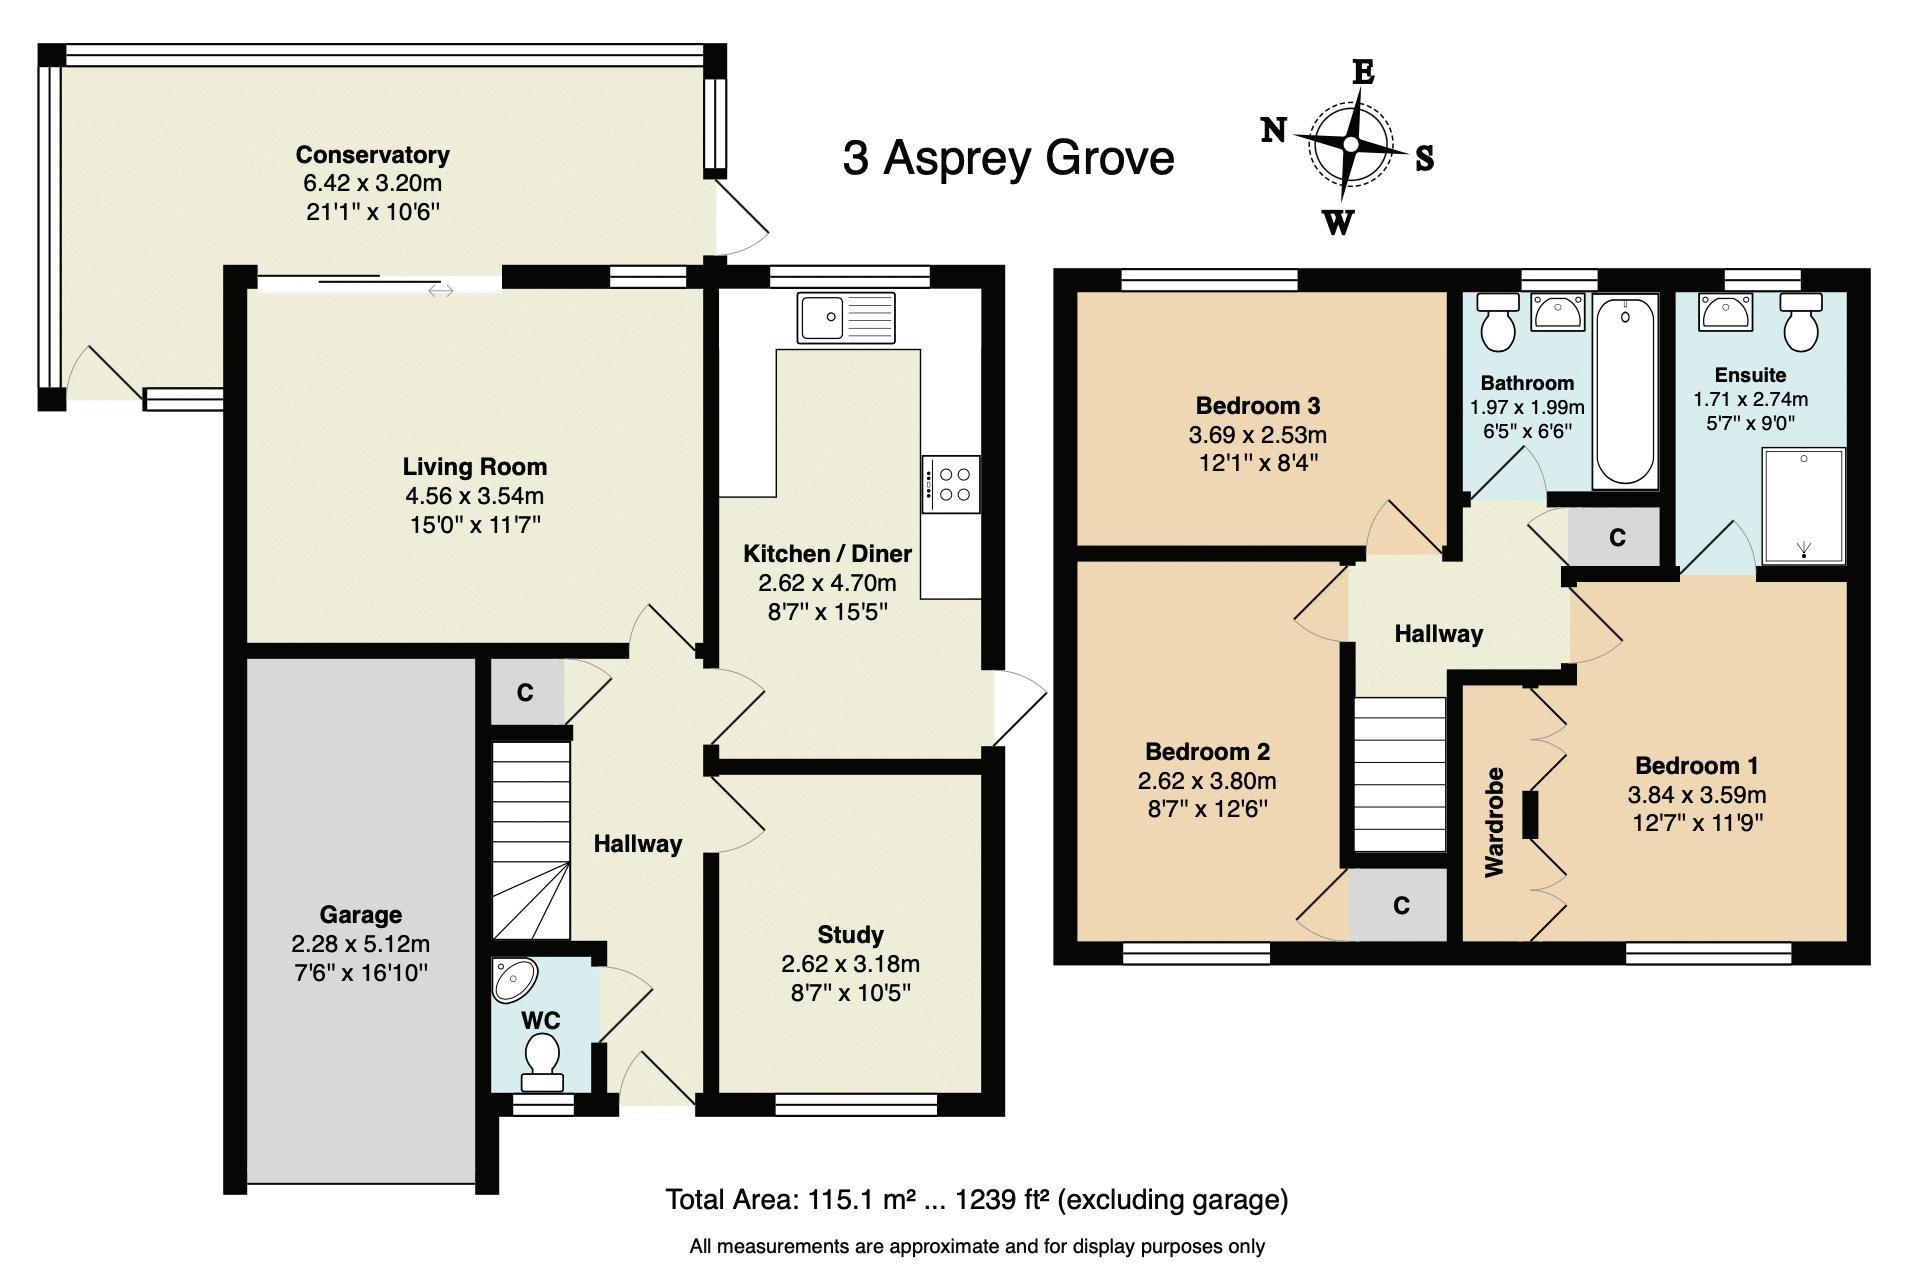 Asprey Grove